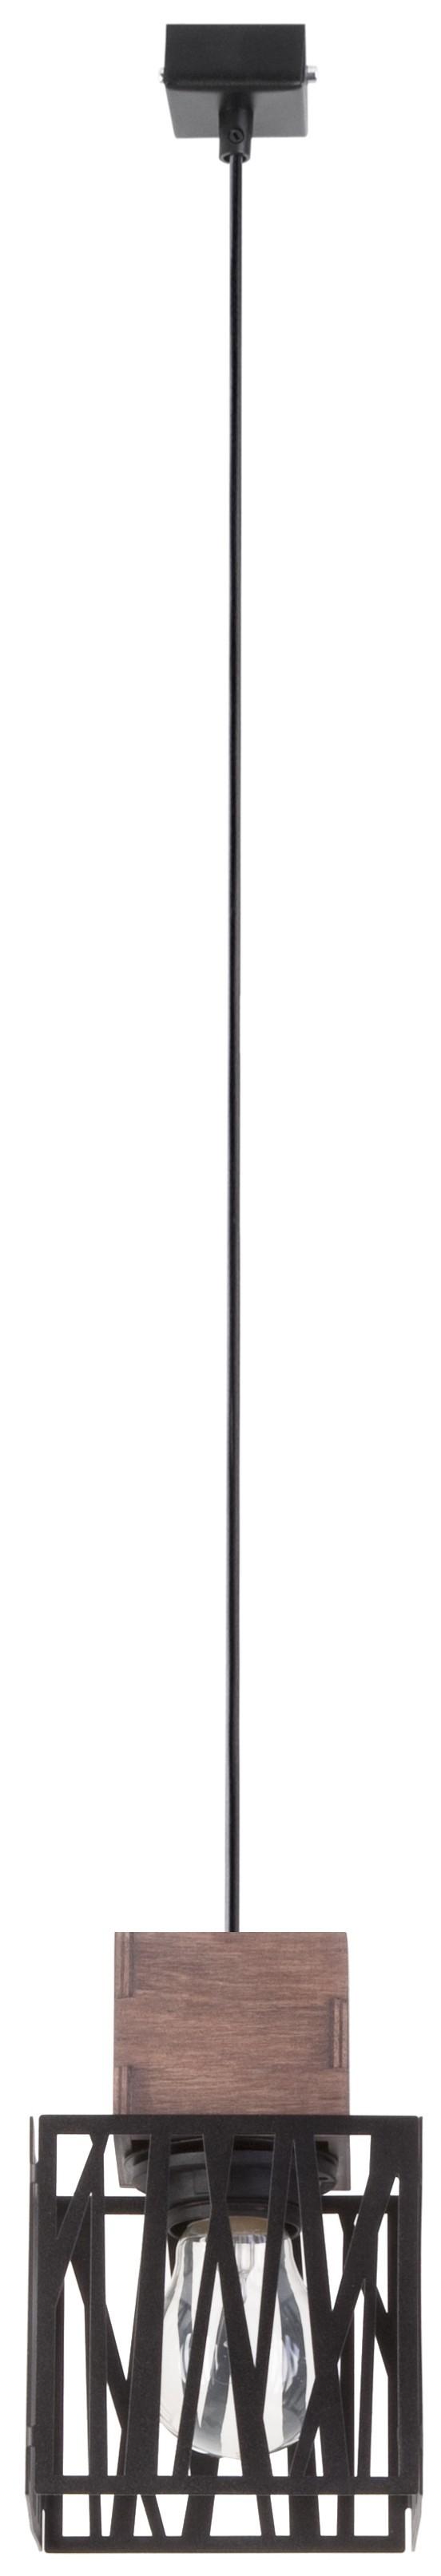 Lampa wisząca DALI 1 CZARNY 31478 - Sigma Do -17% rabatu w koszyku i darmowa dostawa od 299zł !